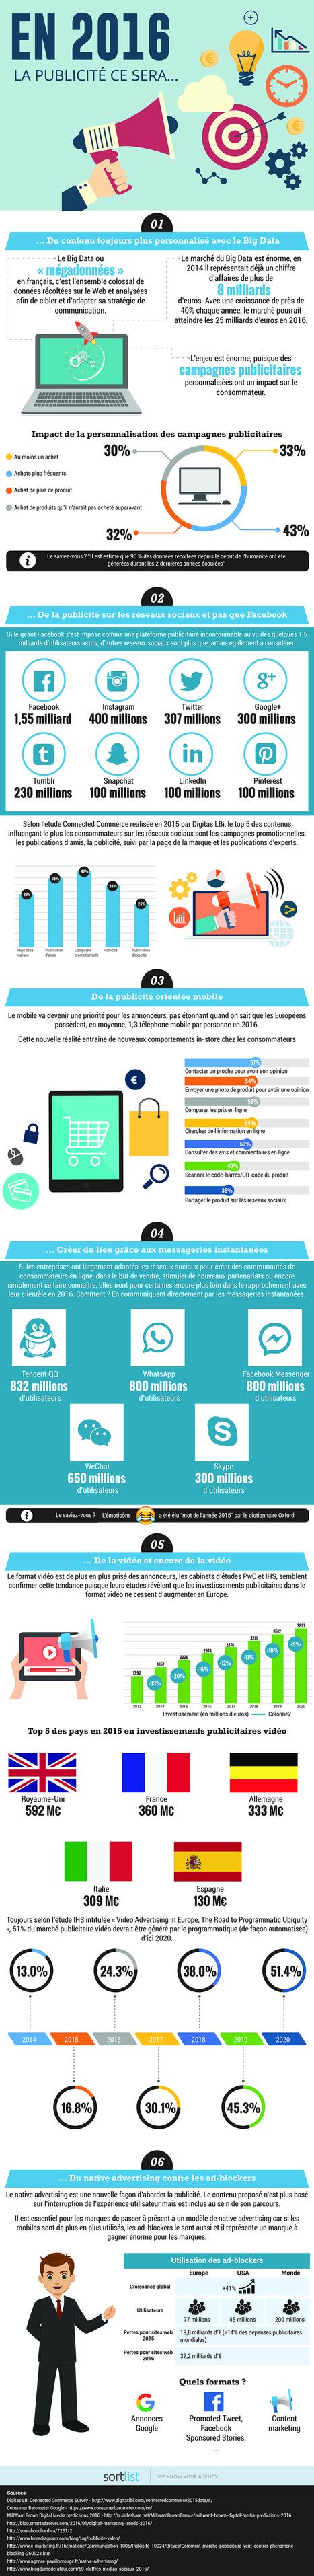 Infographie : Tendances de la communication des marques en 2016 et après - Parlons Com' | E-MARKETING : des outils à la stratégie digitale | Scoop.it